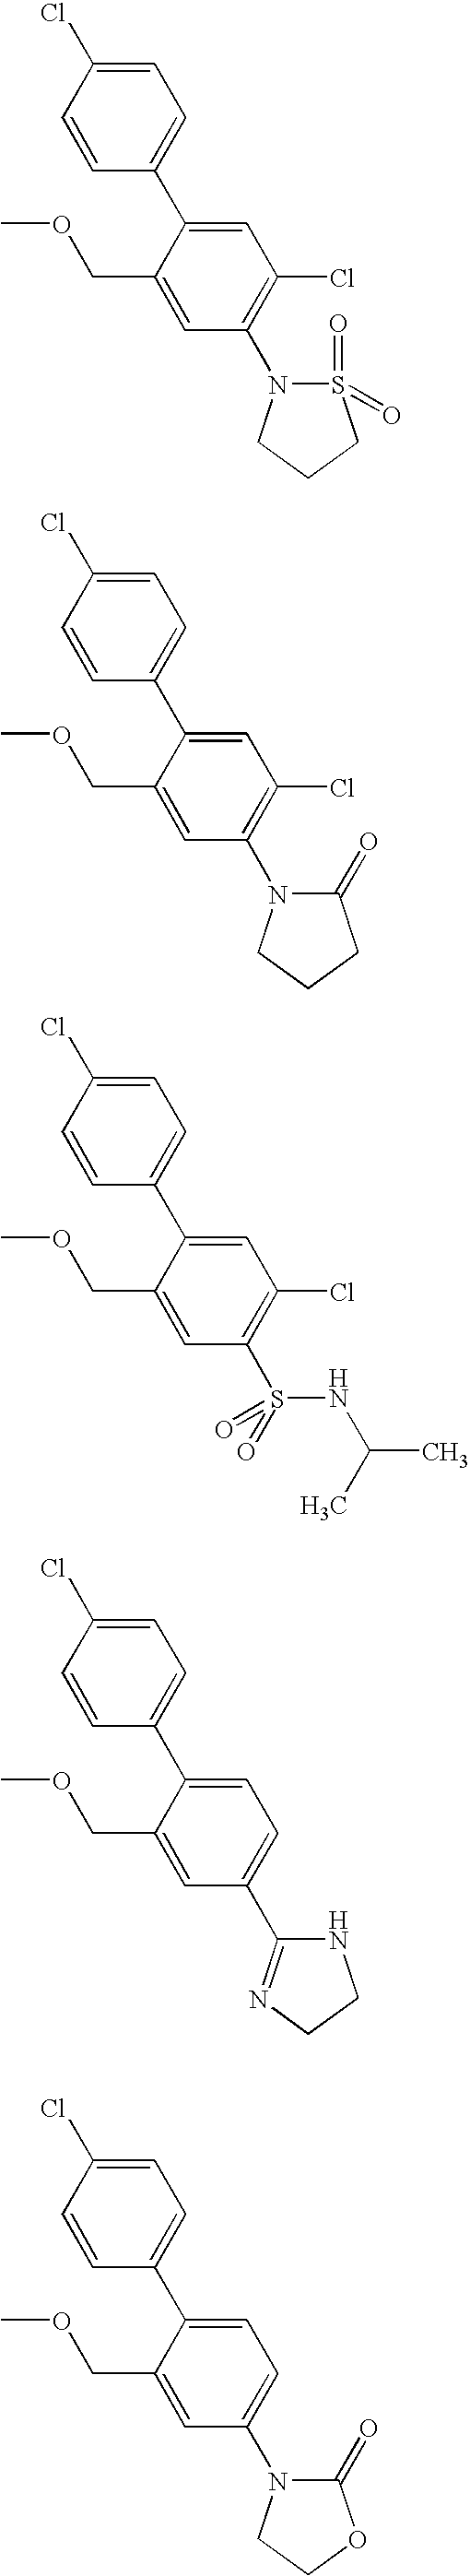 Figure US20070049593A1-20070301-C00257